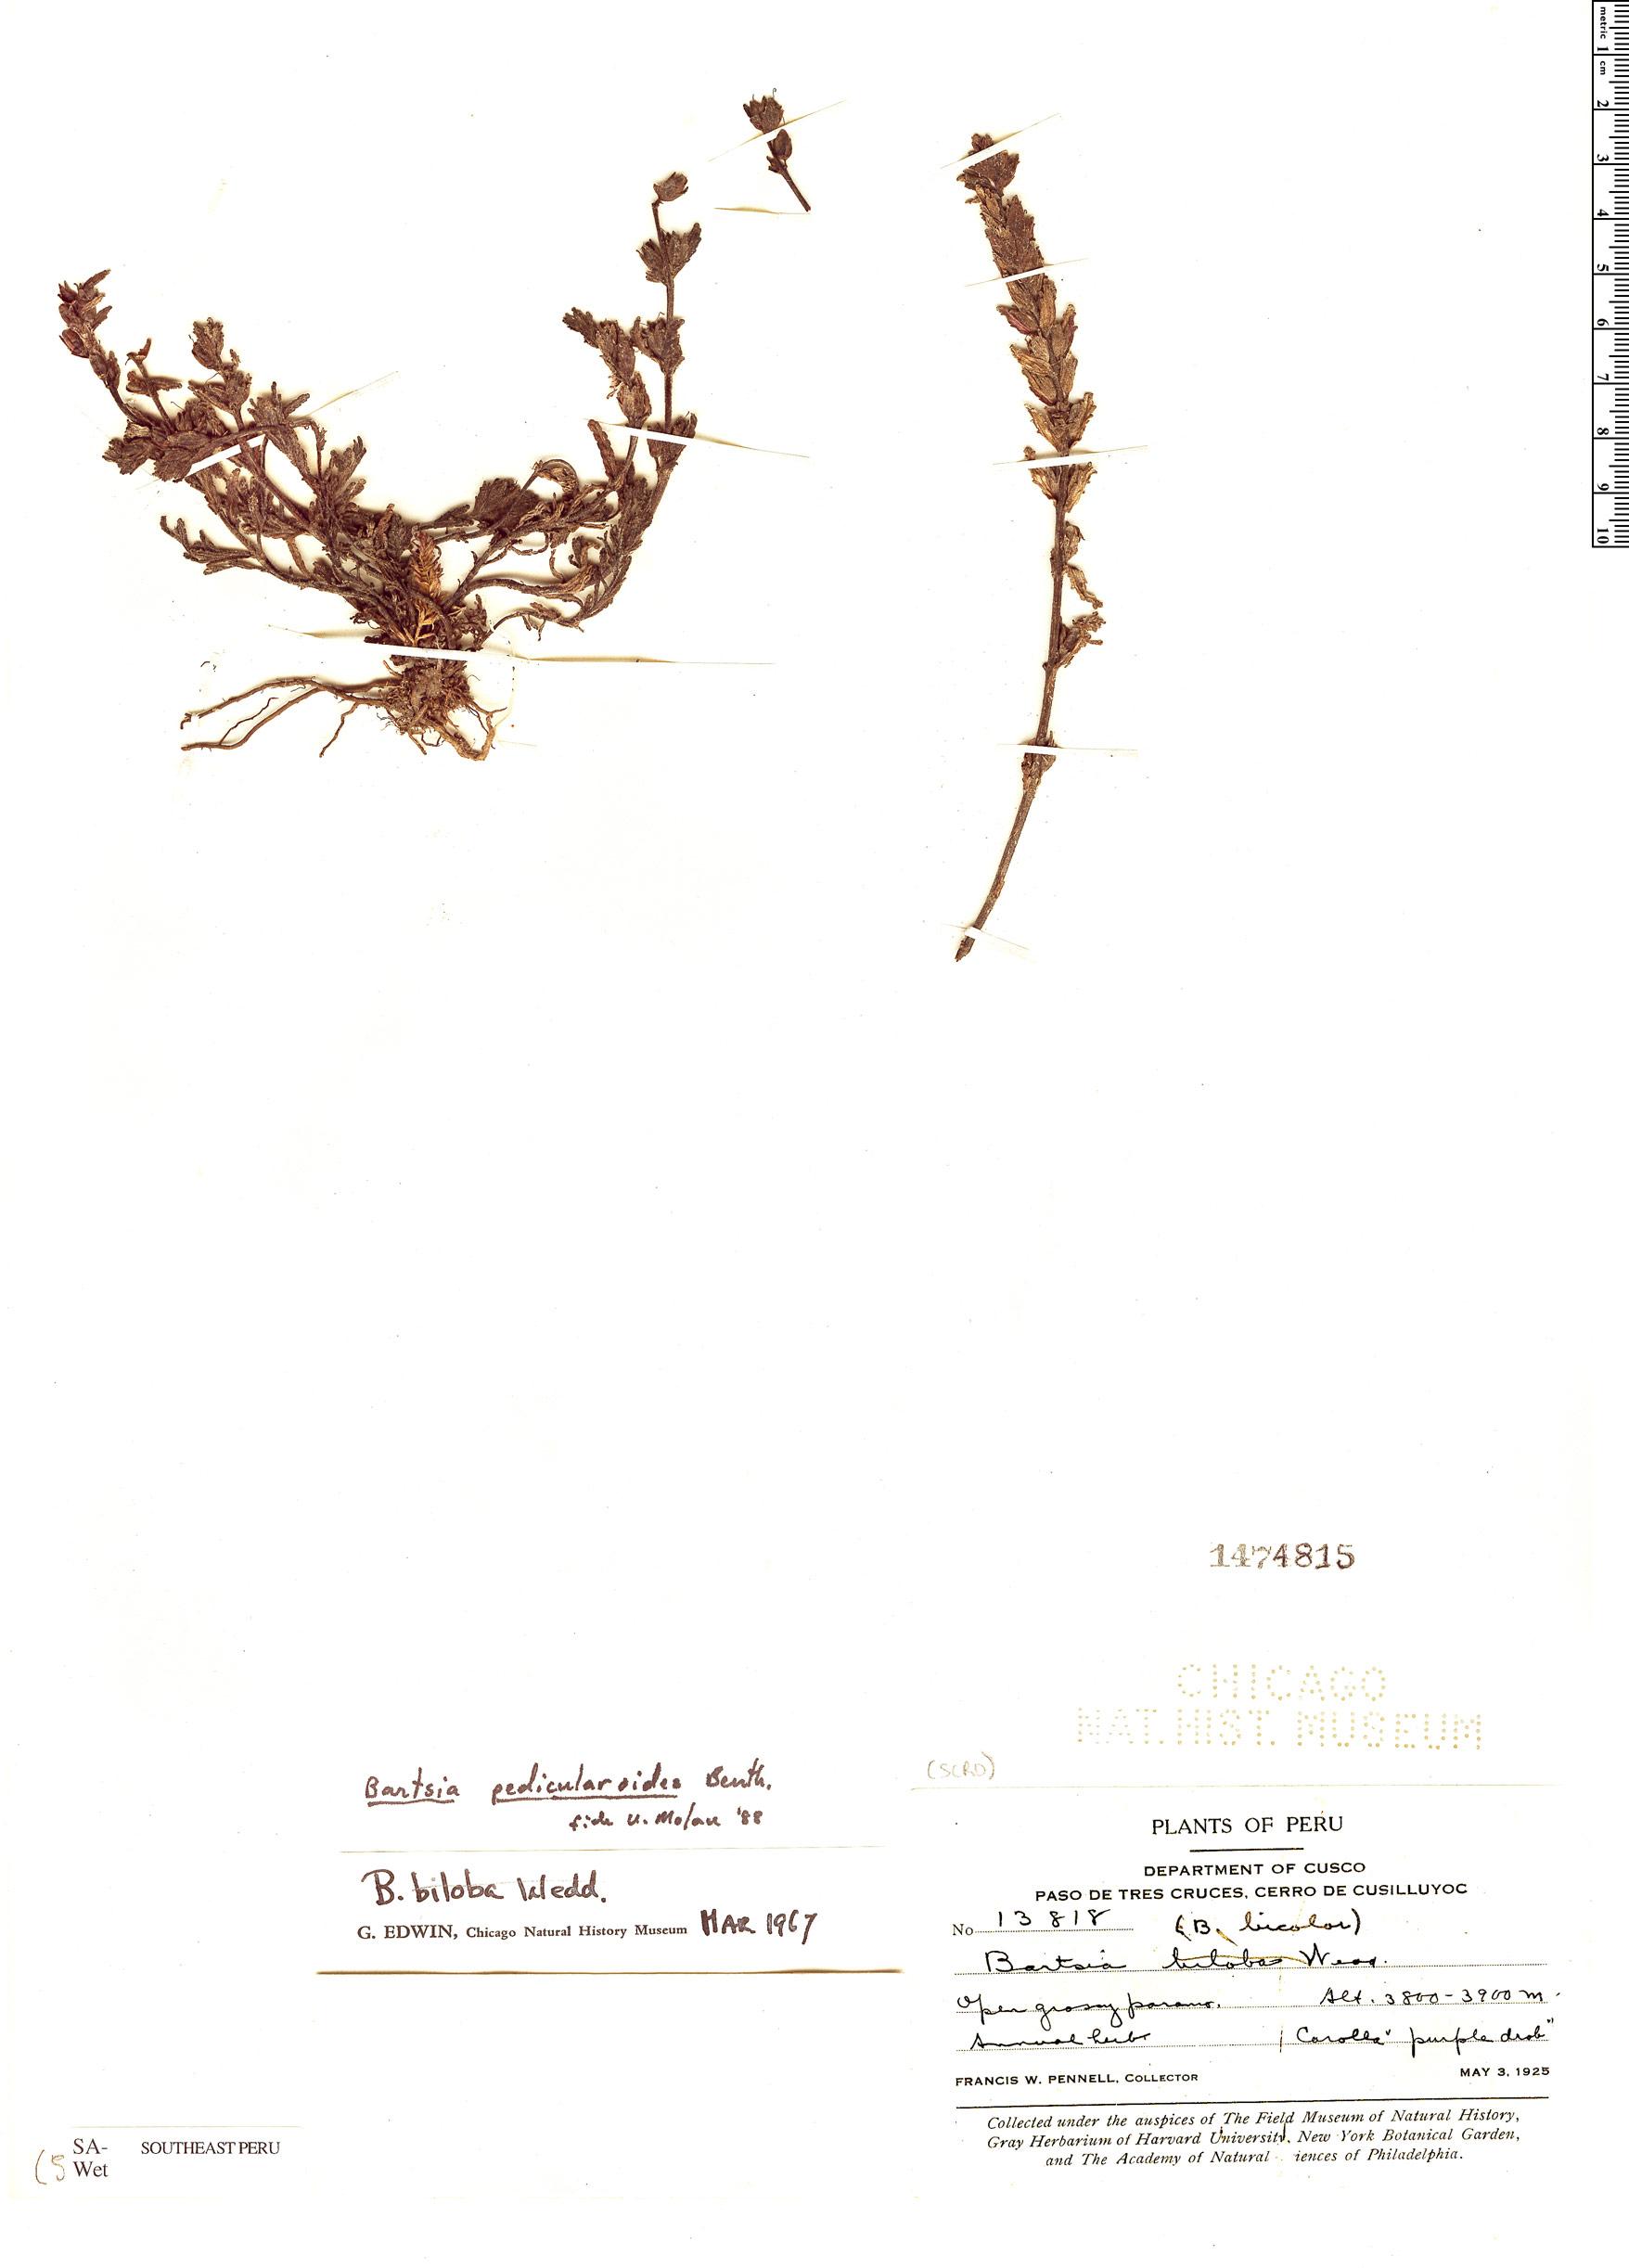 Specimen: Bartsia pedicularoides